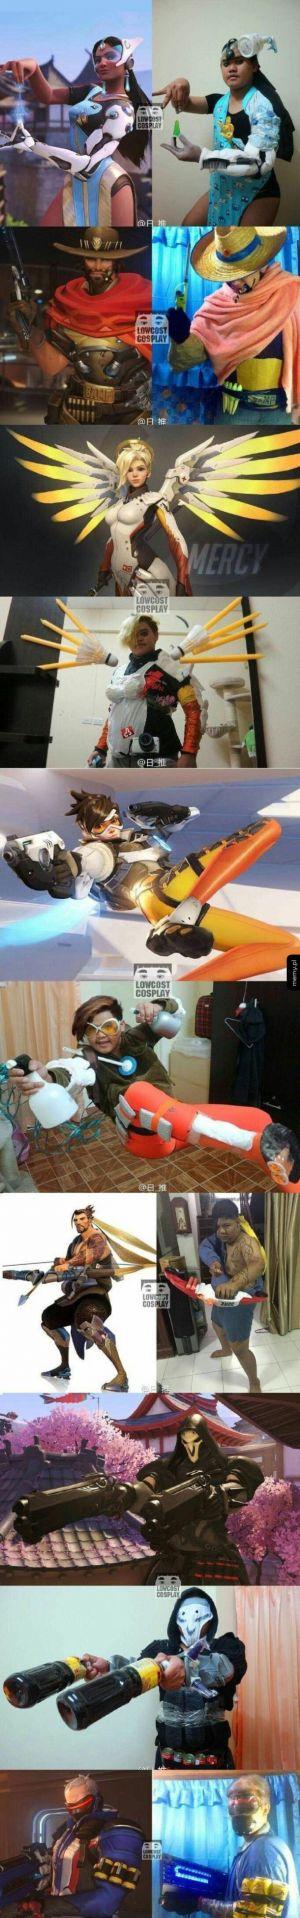 Cosplay z Overwatcha przy zerowym budżecie